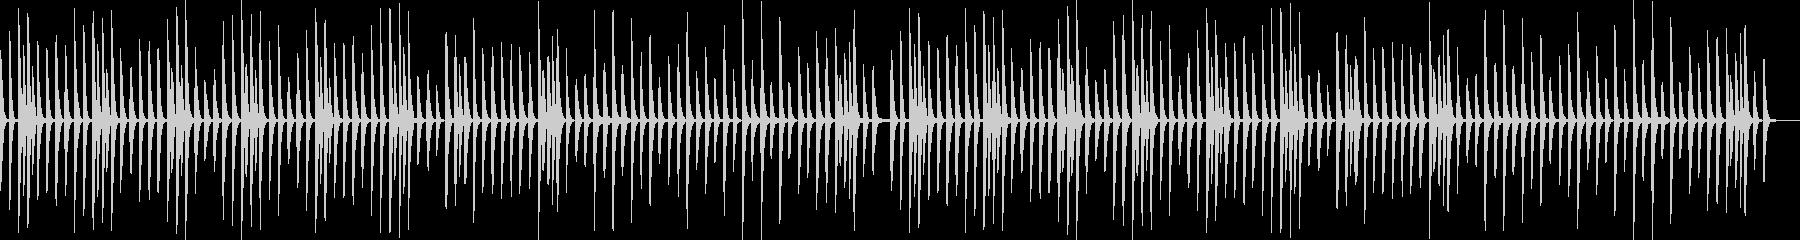 ピアノ曲 料理・日常・レッスンの未再生の波形